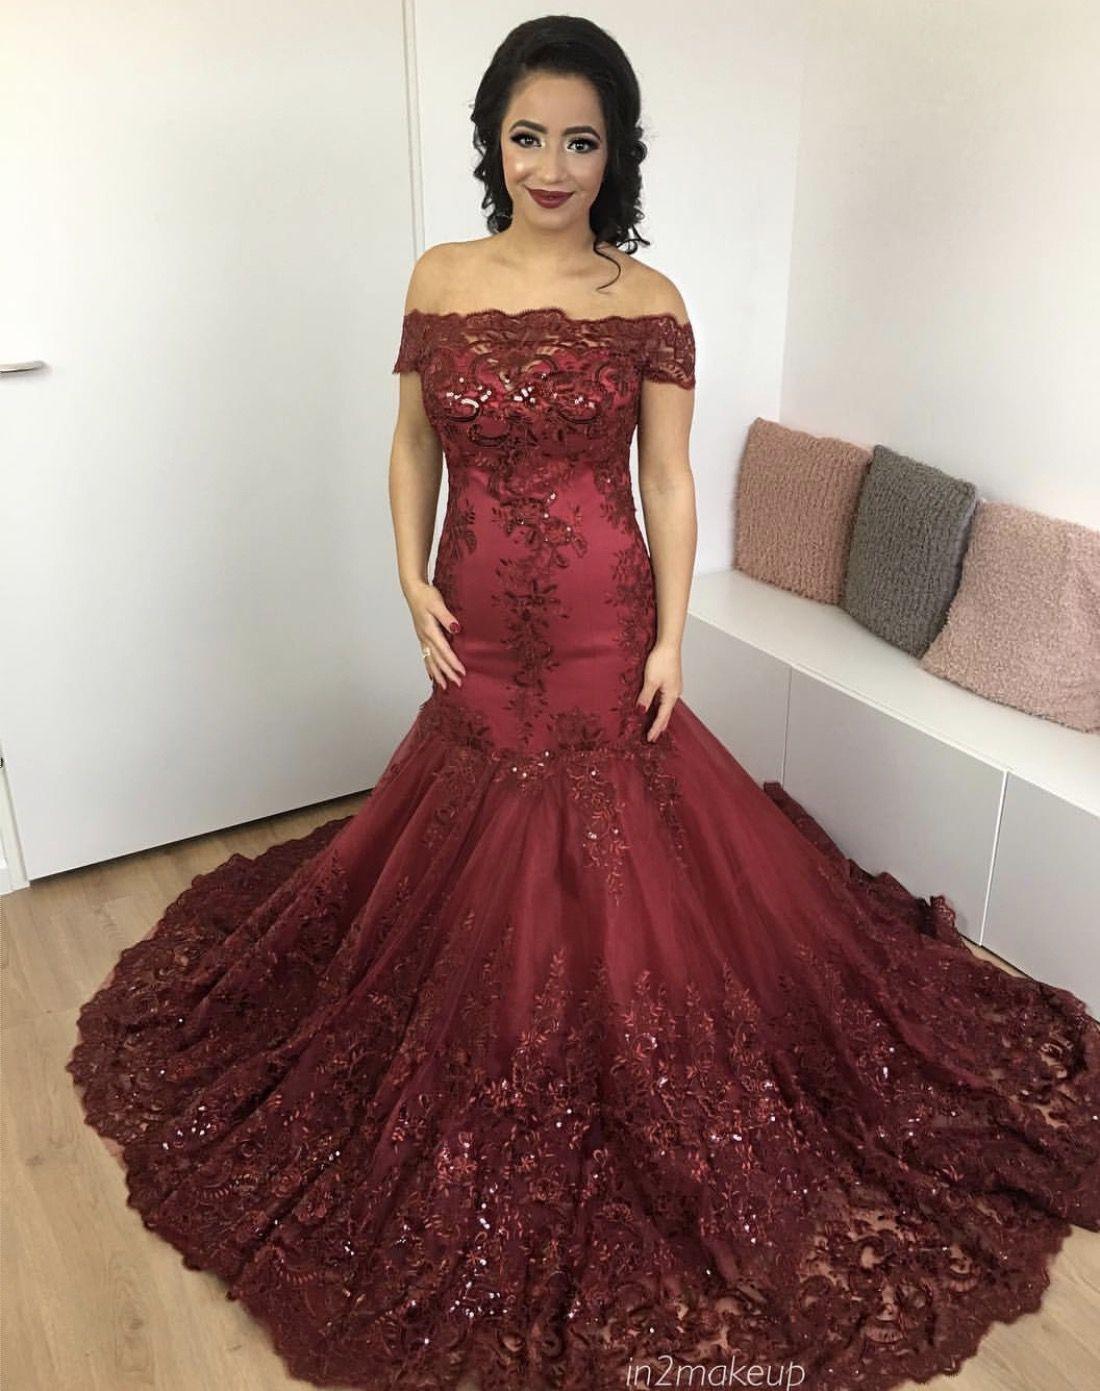 Abend Luxurius Abendkleider In Duisburg Spezialgebiet20 Schön Abendkleider In Duisburg für 2019